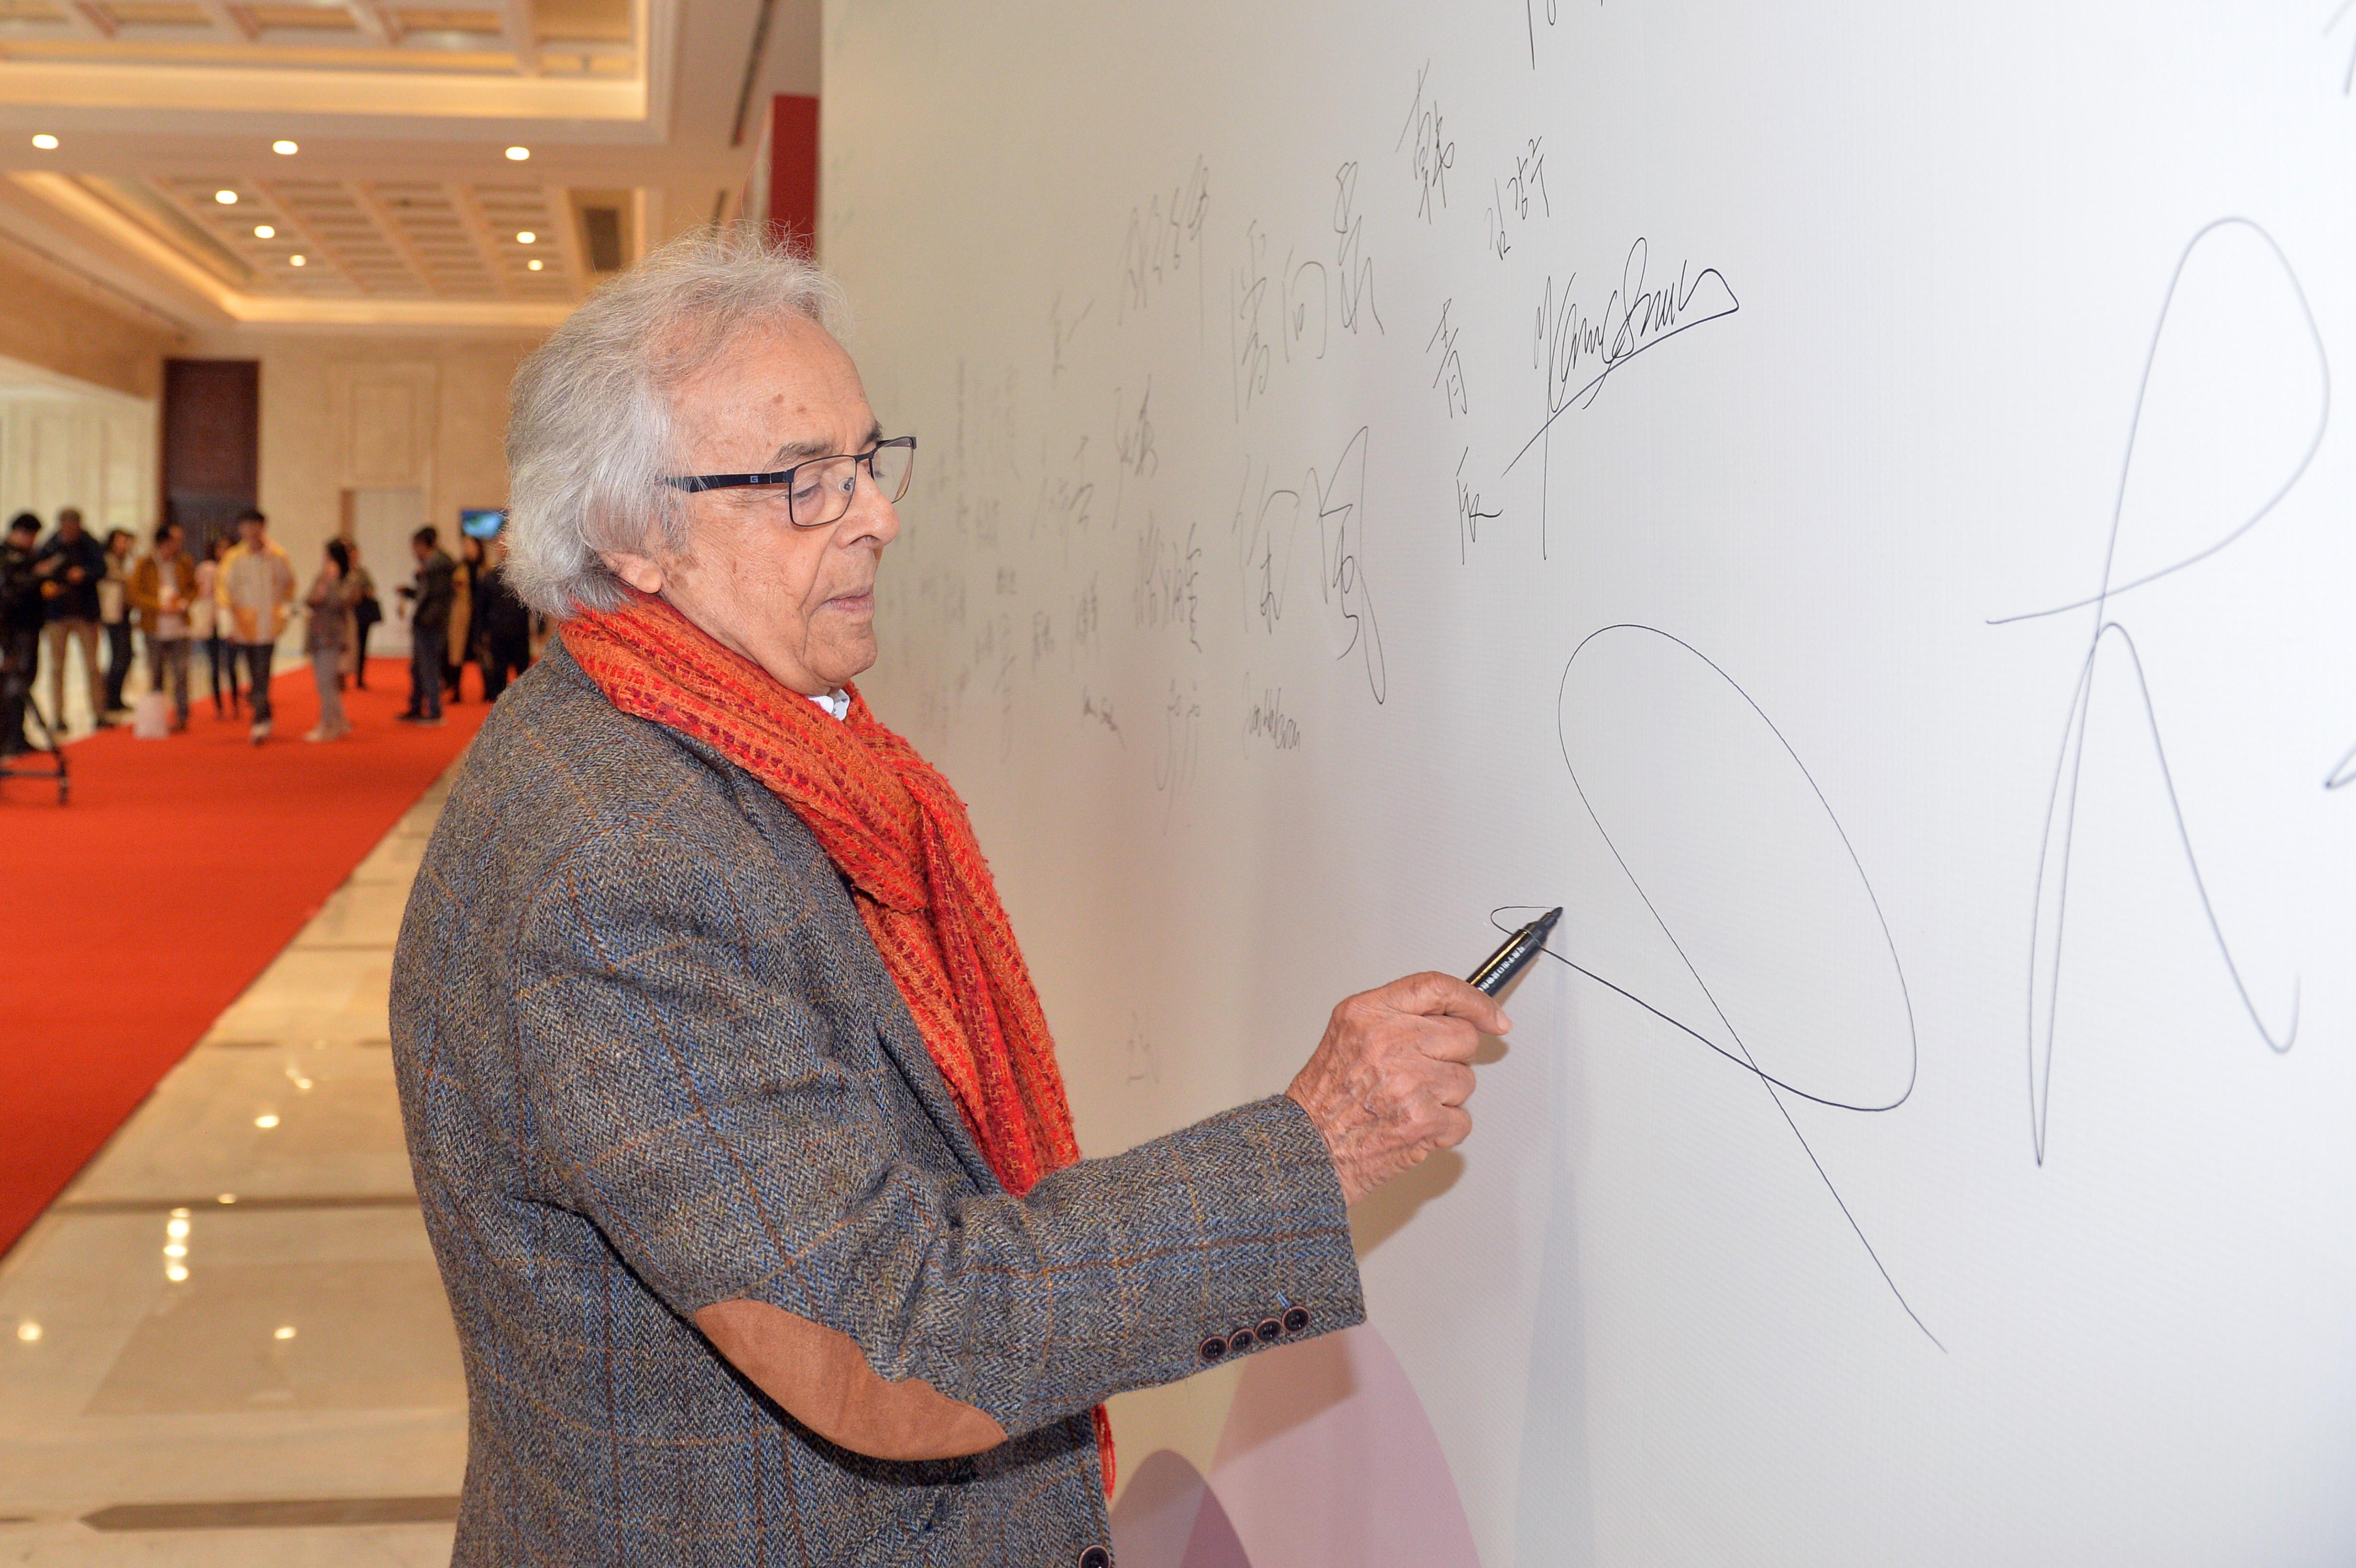 阿多尼斯在簽名墻上簽字